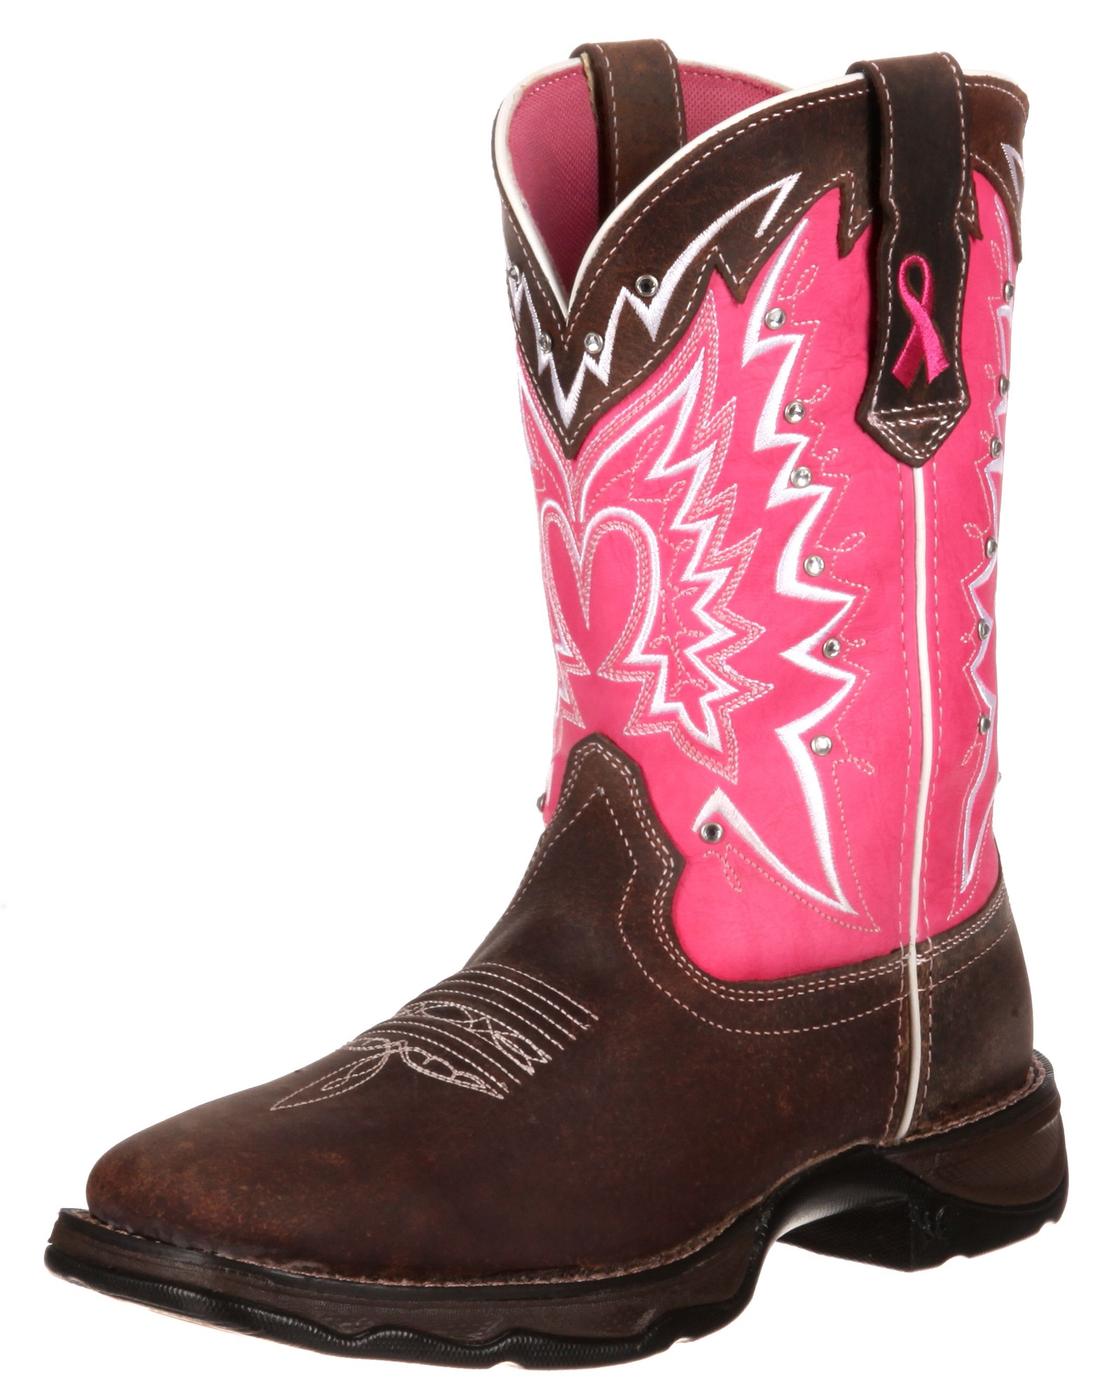 Durango Boots RD3557 Dark Brown Western Boots - brown